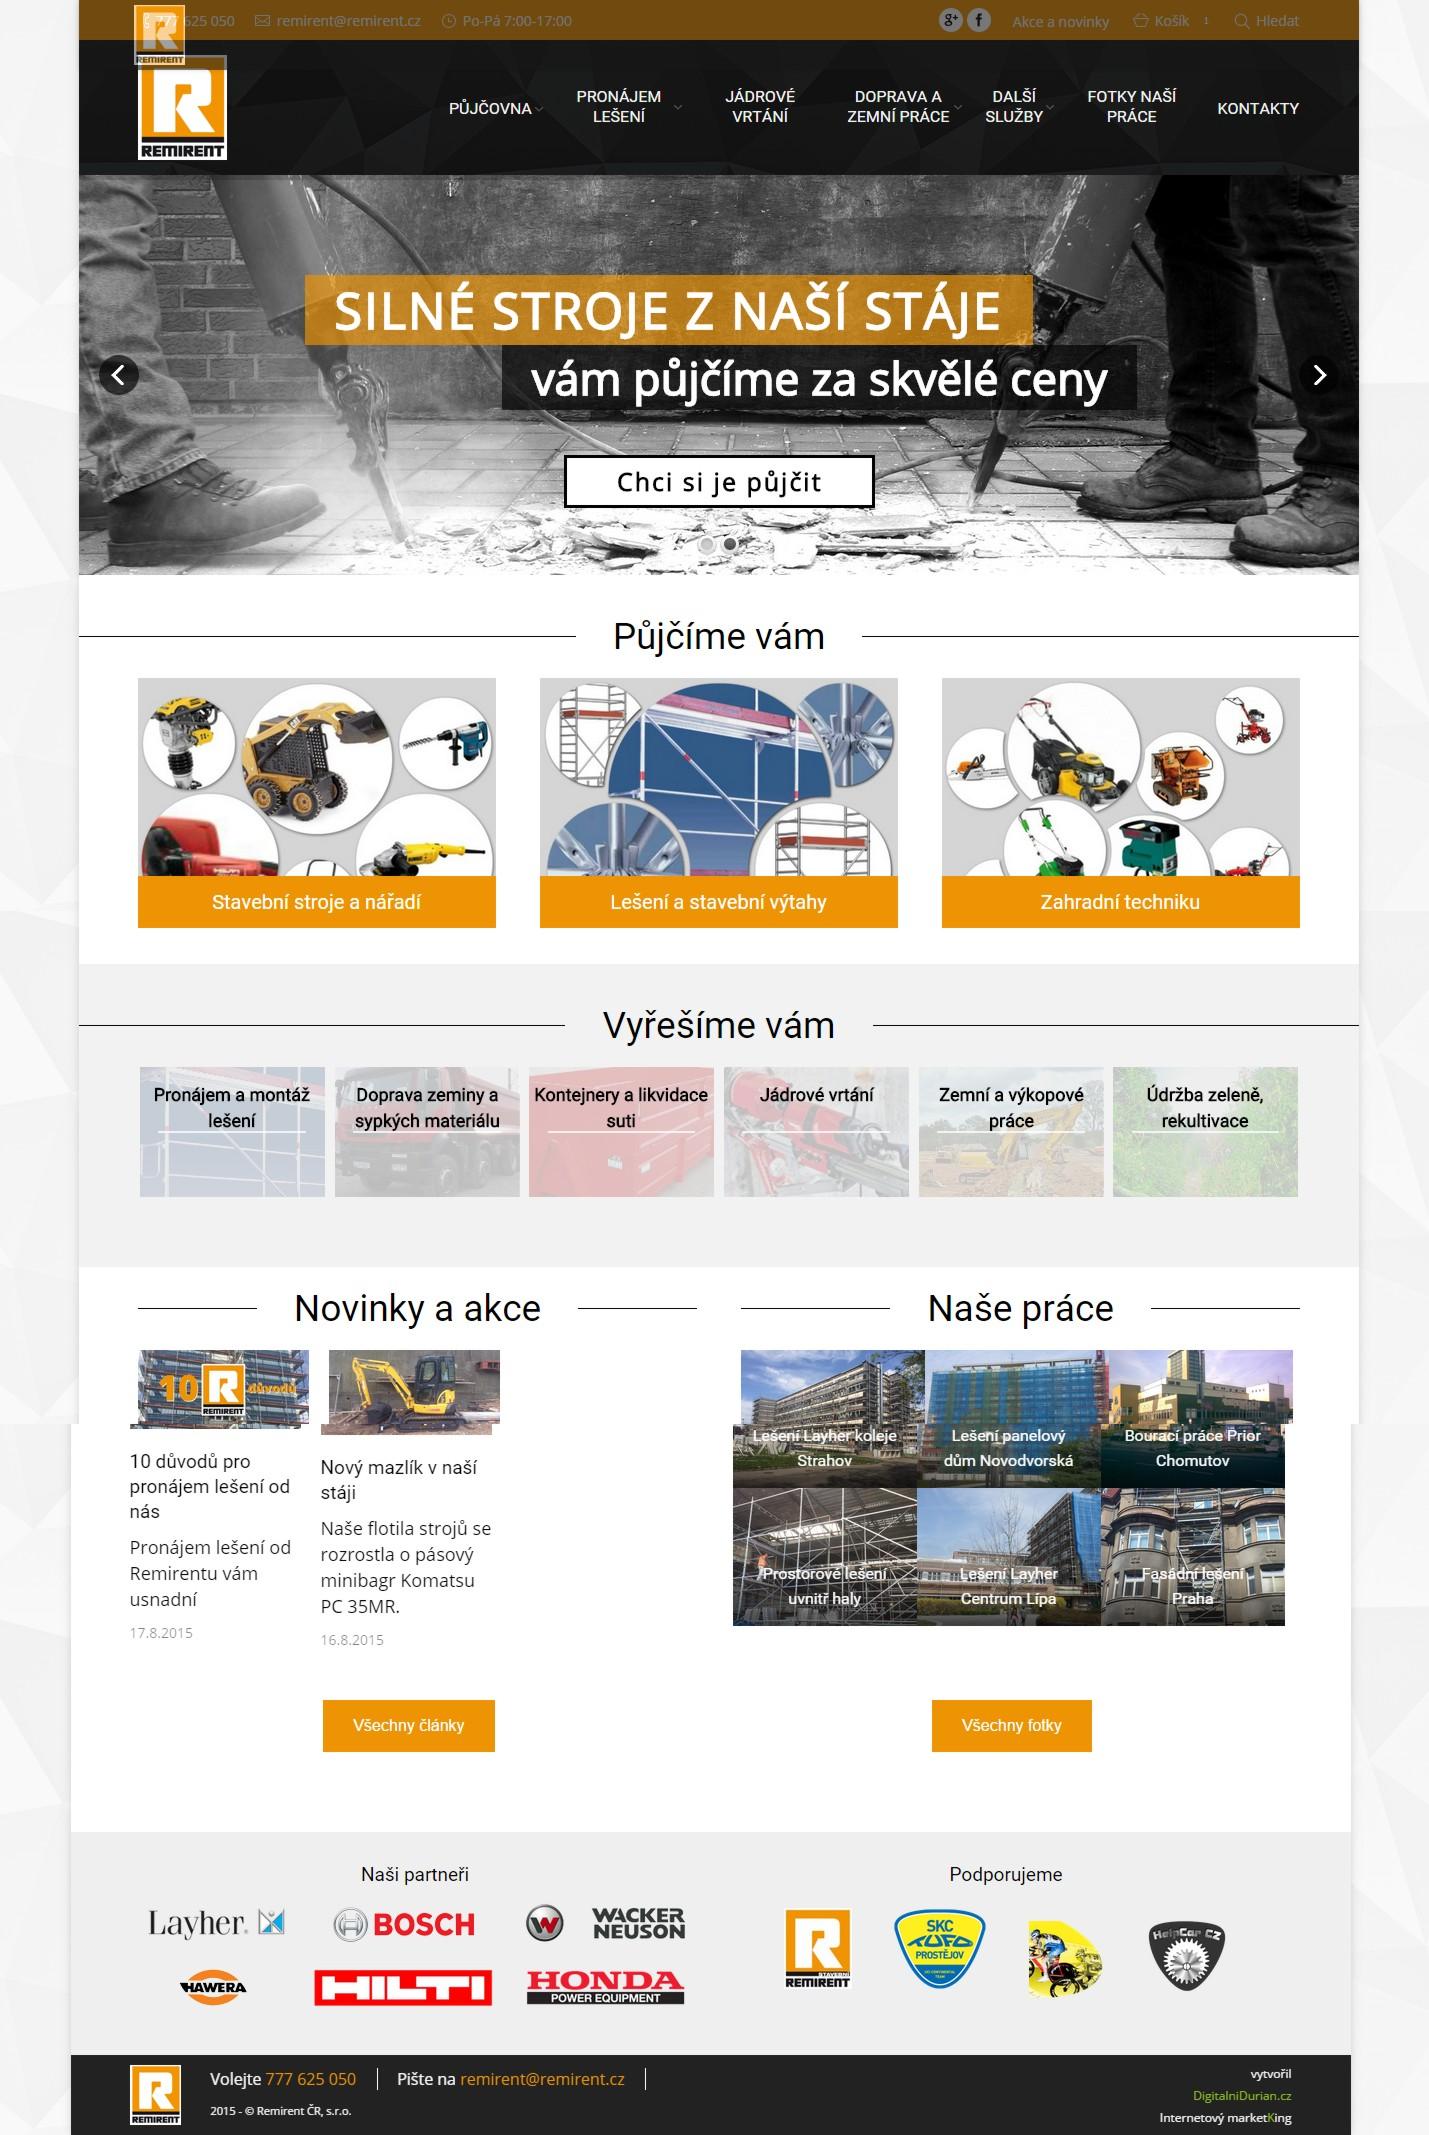 Kompletní homepage Remirent.cz s přehledem služeb, články a fotkami z nedávných relaizací